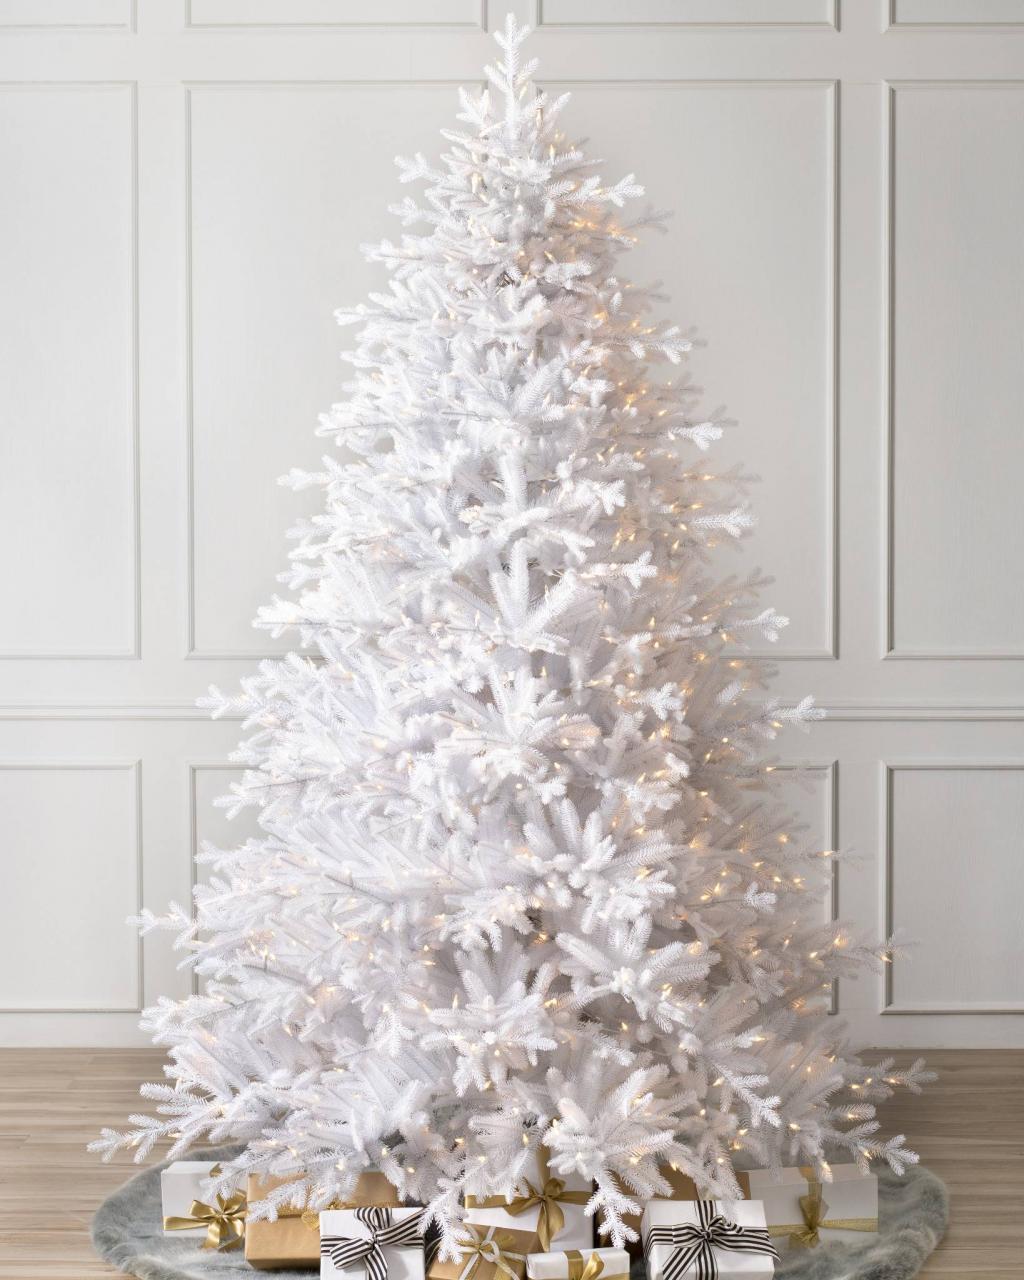 عکس مدل تزیین درخت کریسمس سفید و ساده